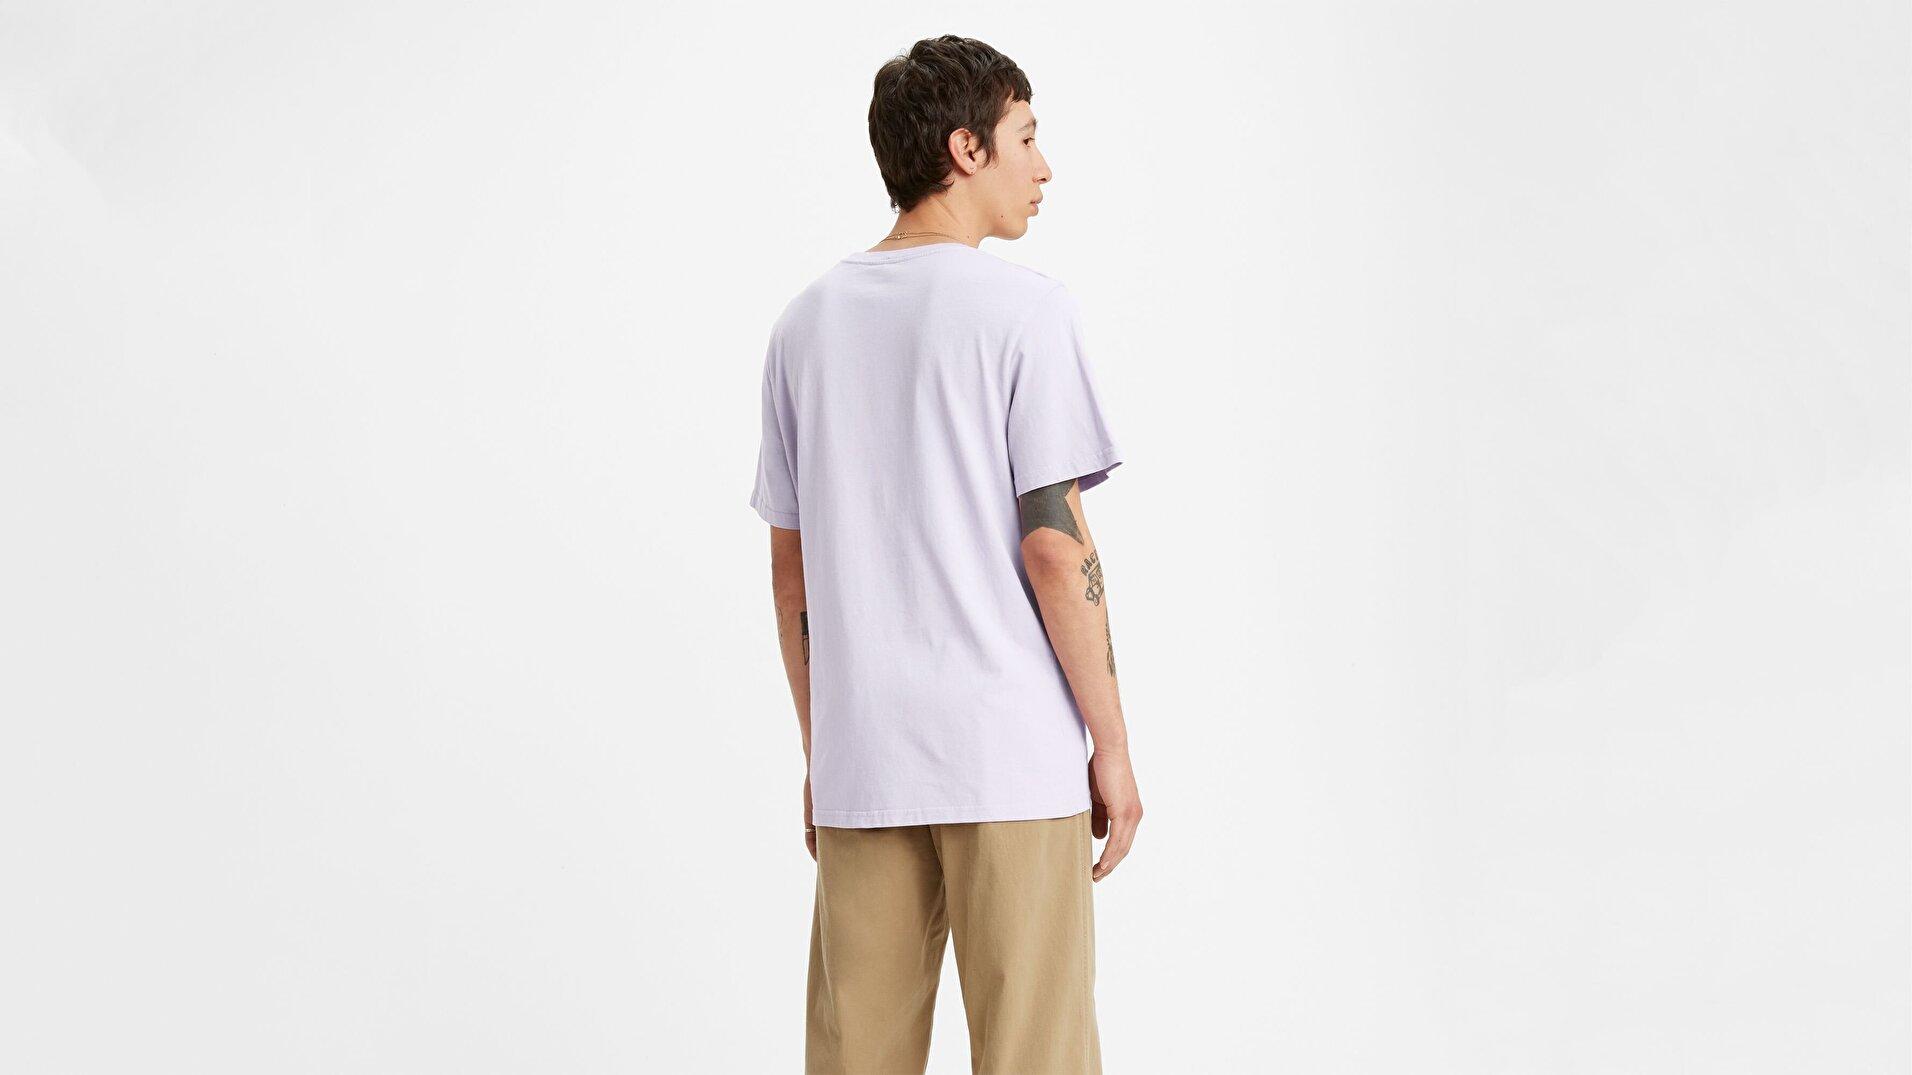 Ss Relaxed Fit Tee Ssnl Filled Boxtab Beyaz Erkek Tişört